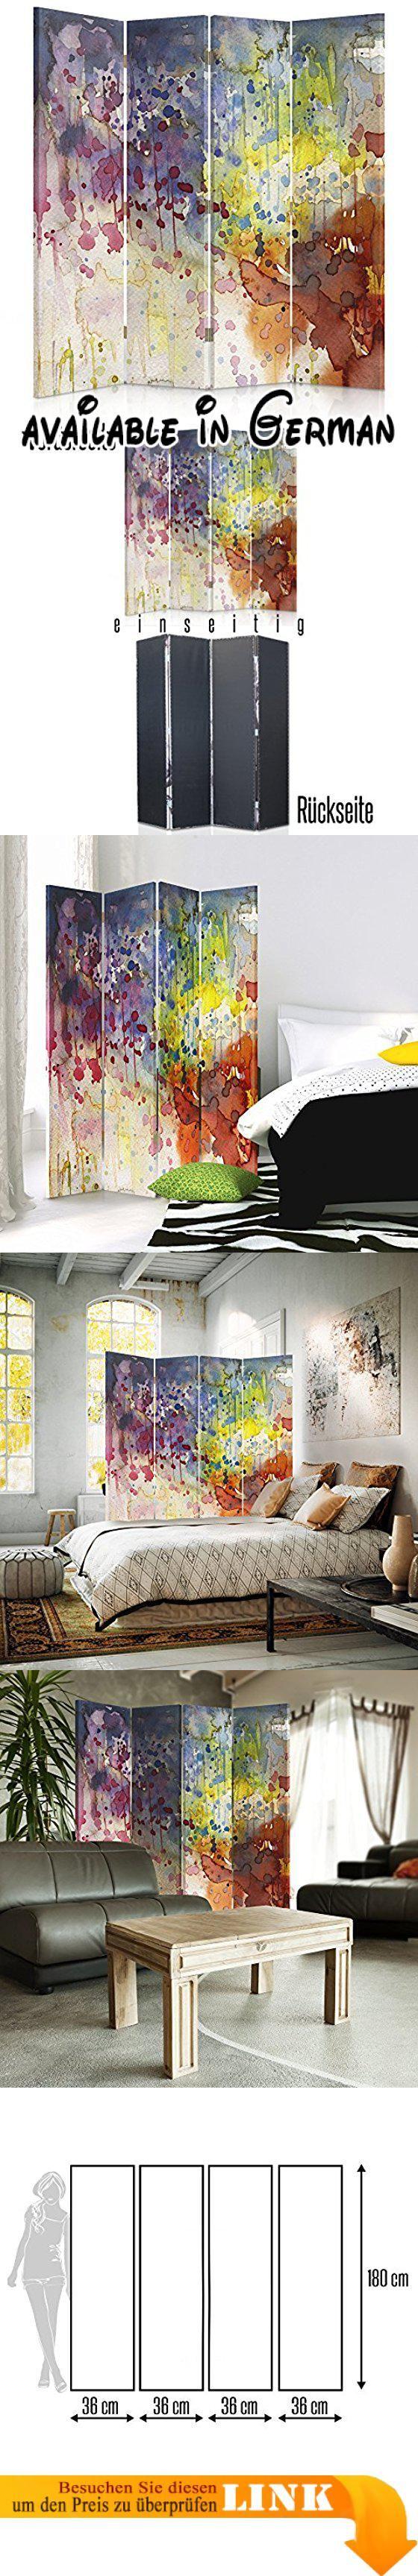 B01LZNRZMA Feeby Frames Raumteiler Gedruckten auf Canvas Leinwand Wandschirme dekorative Trennwand Paravent einseitig 4